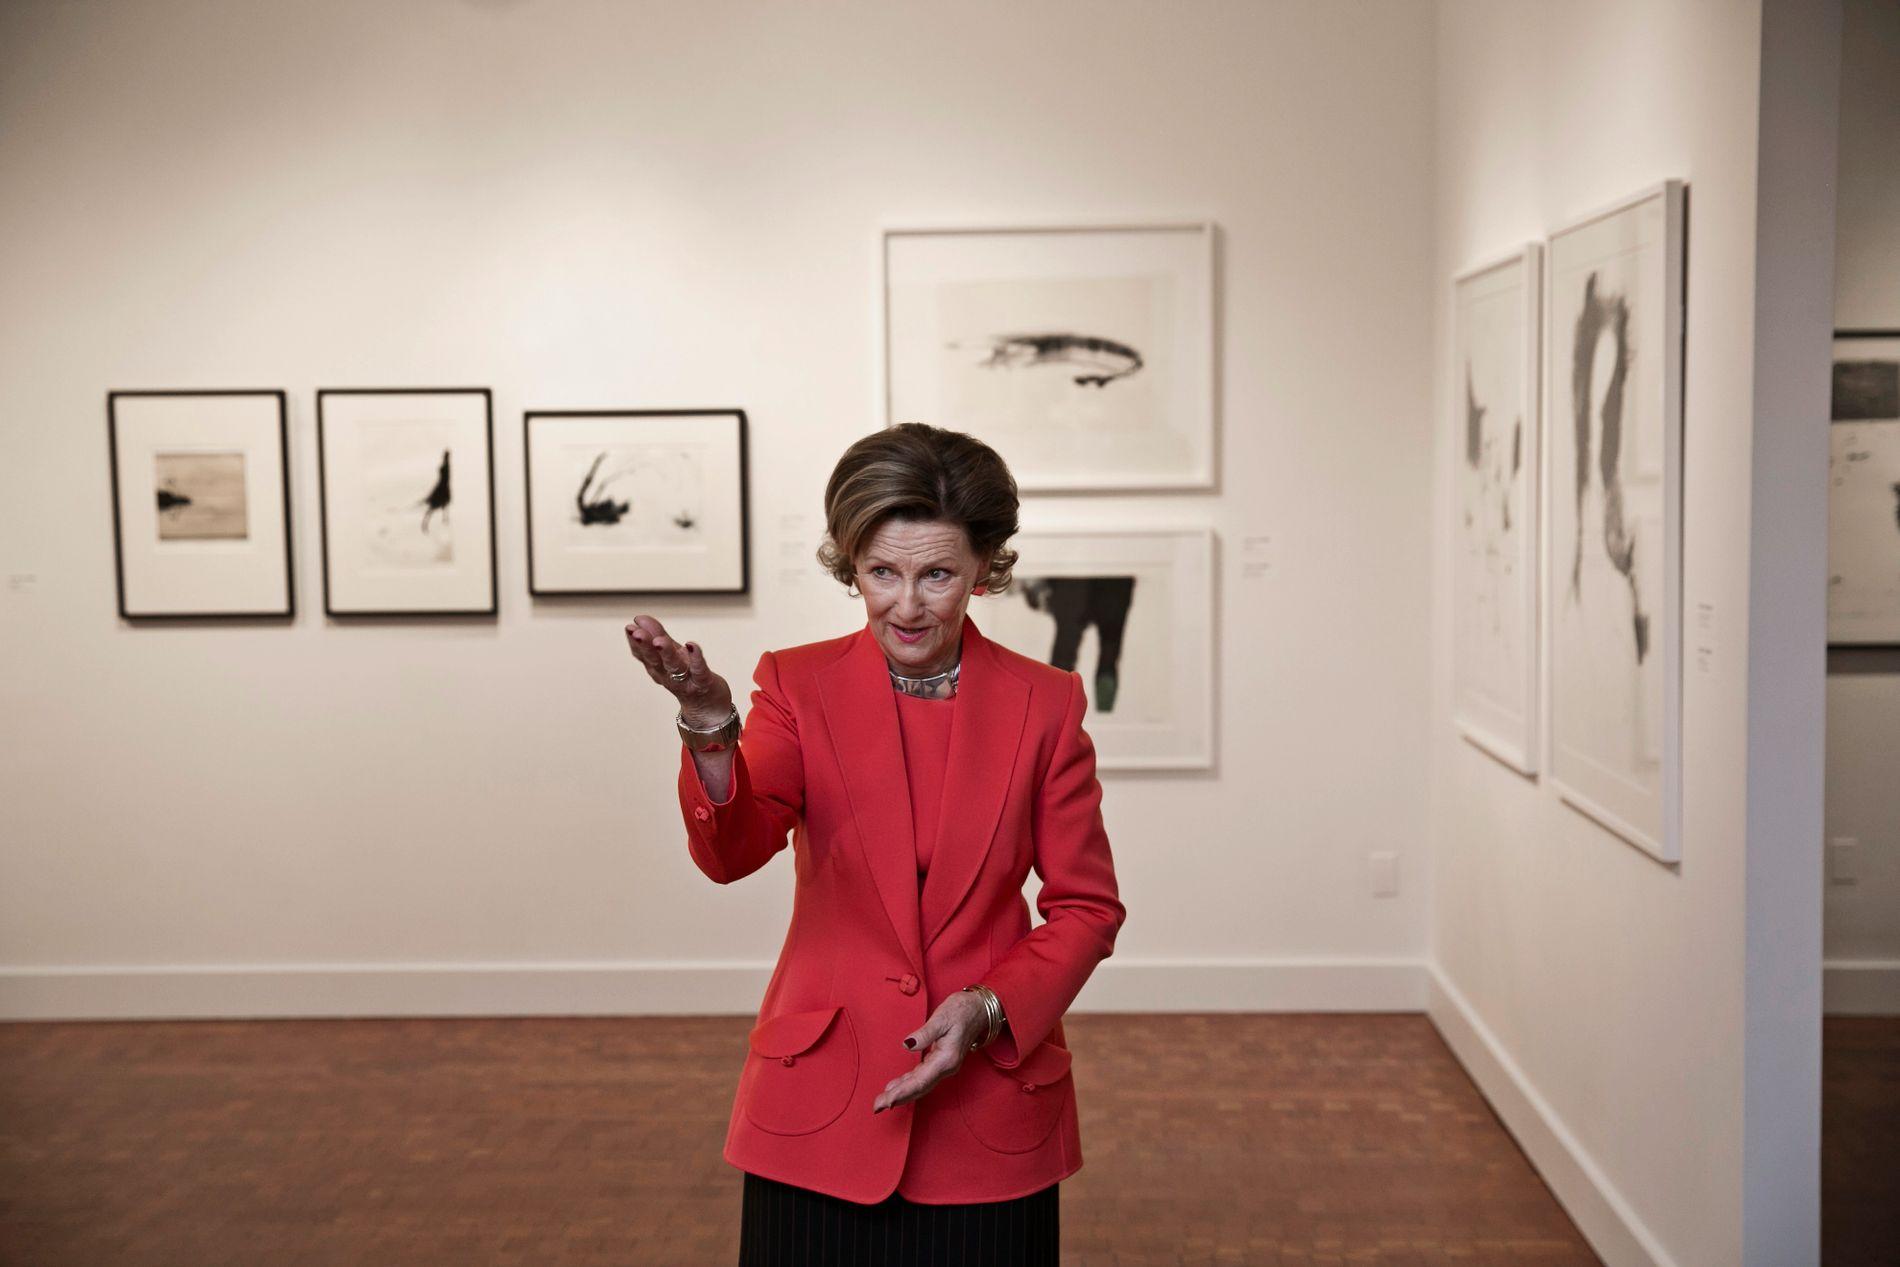 AMBASSADØR: Dronning Sonja åpner her utstillingen «Prize Prints: The Queen Sonja Print Award» på Scandinavia House i New York i 2015. I bakgrunnen Tina Kivinens kunst. Dronningen er en viktig talskvinne for norsk og nordisk kunst.